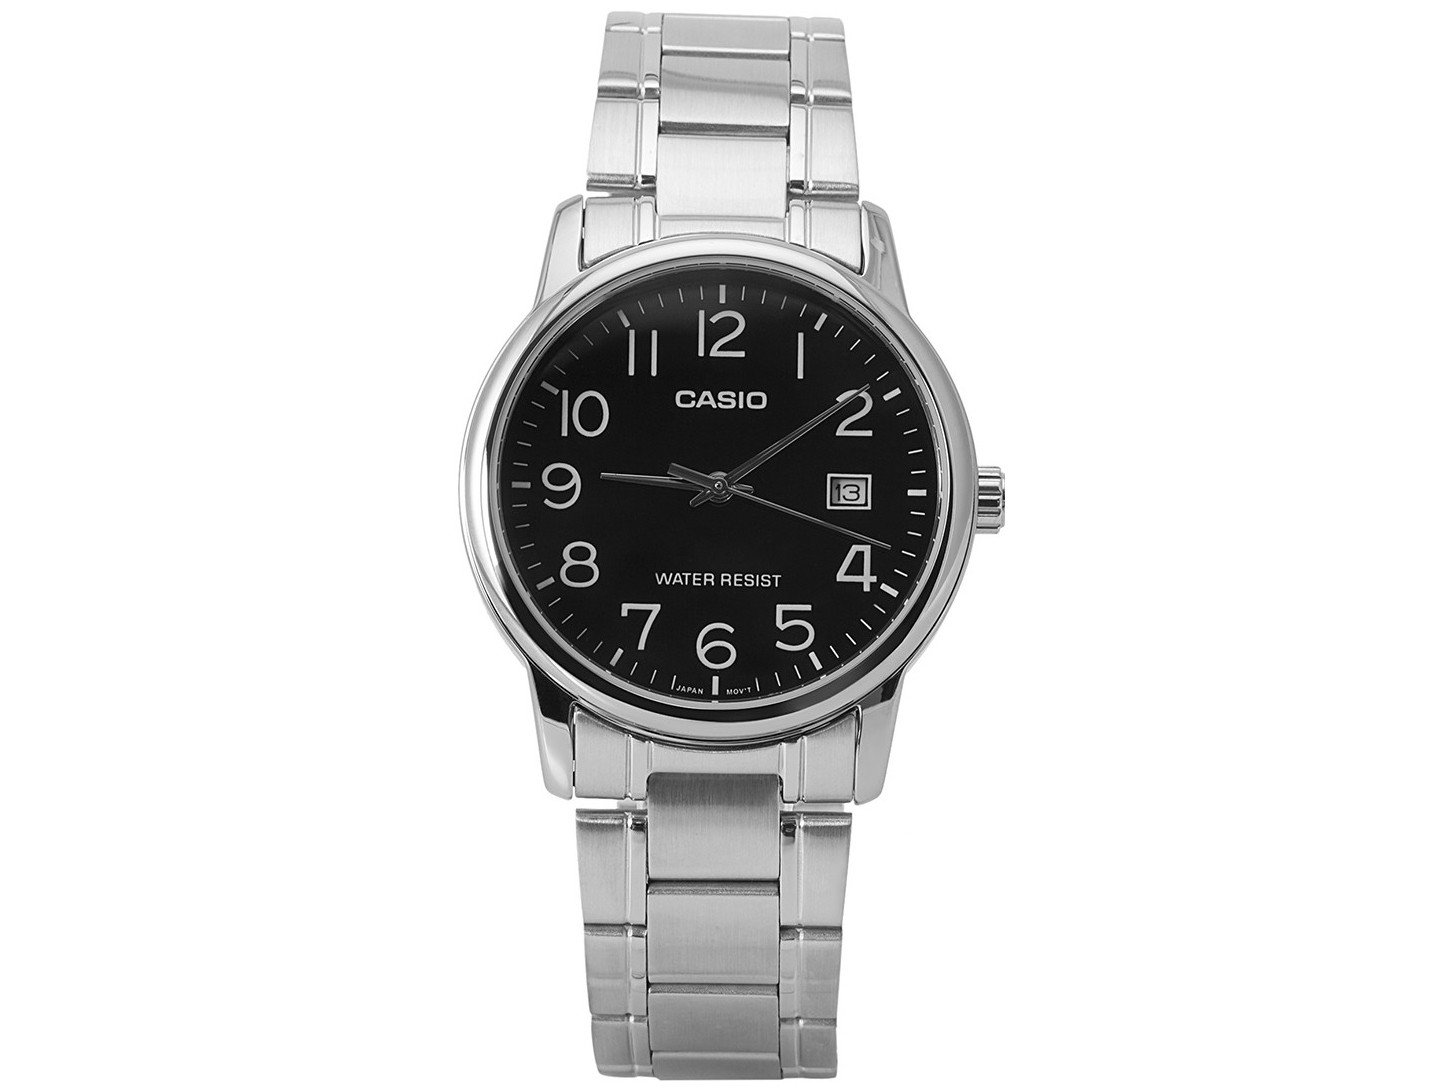 ea10ebdef5e Relógio Masculino Casio Analógico MTP-V002D-1BUDF - Relógio ...